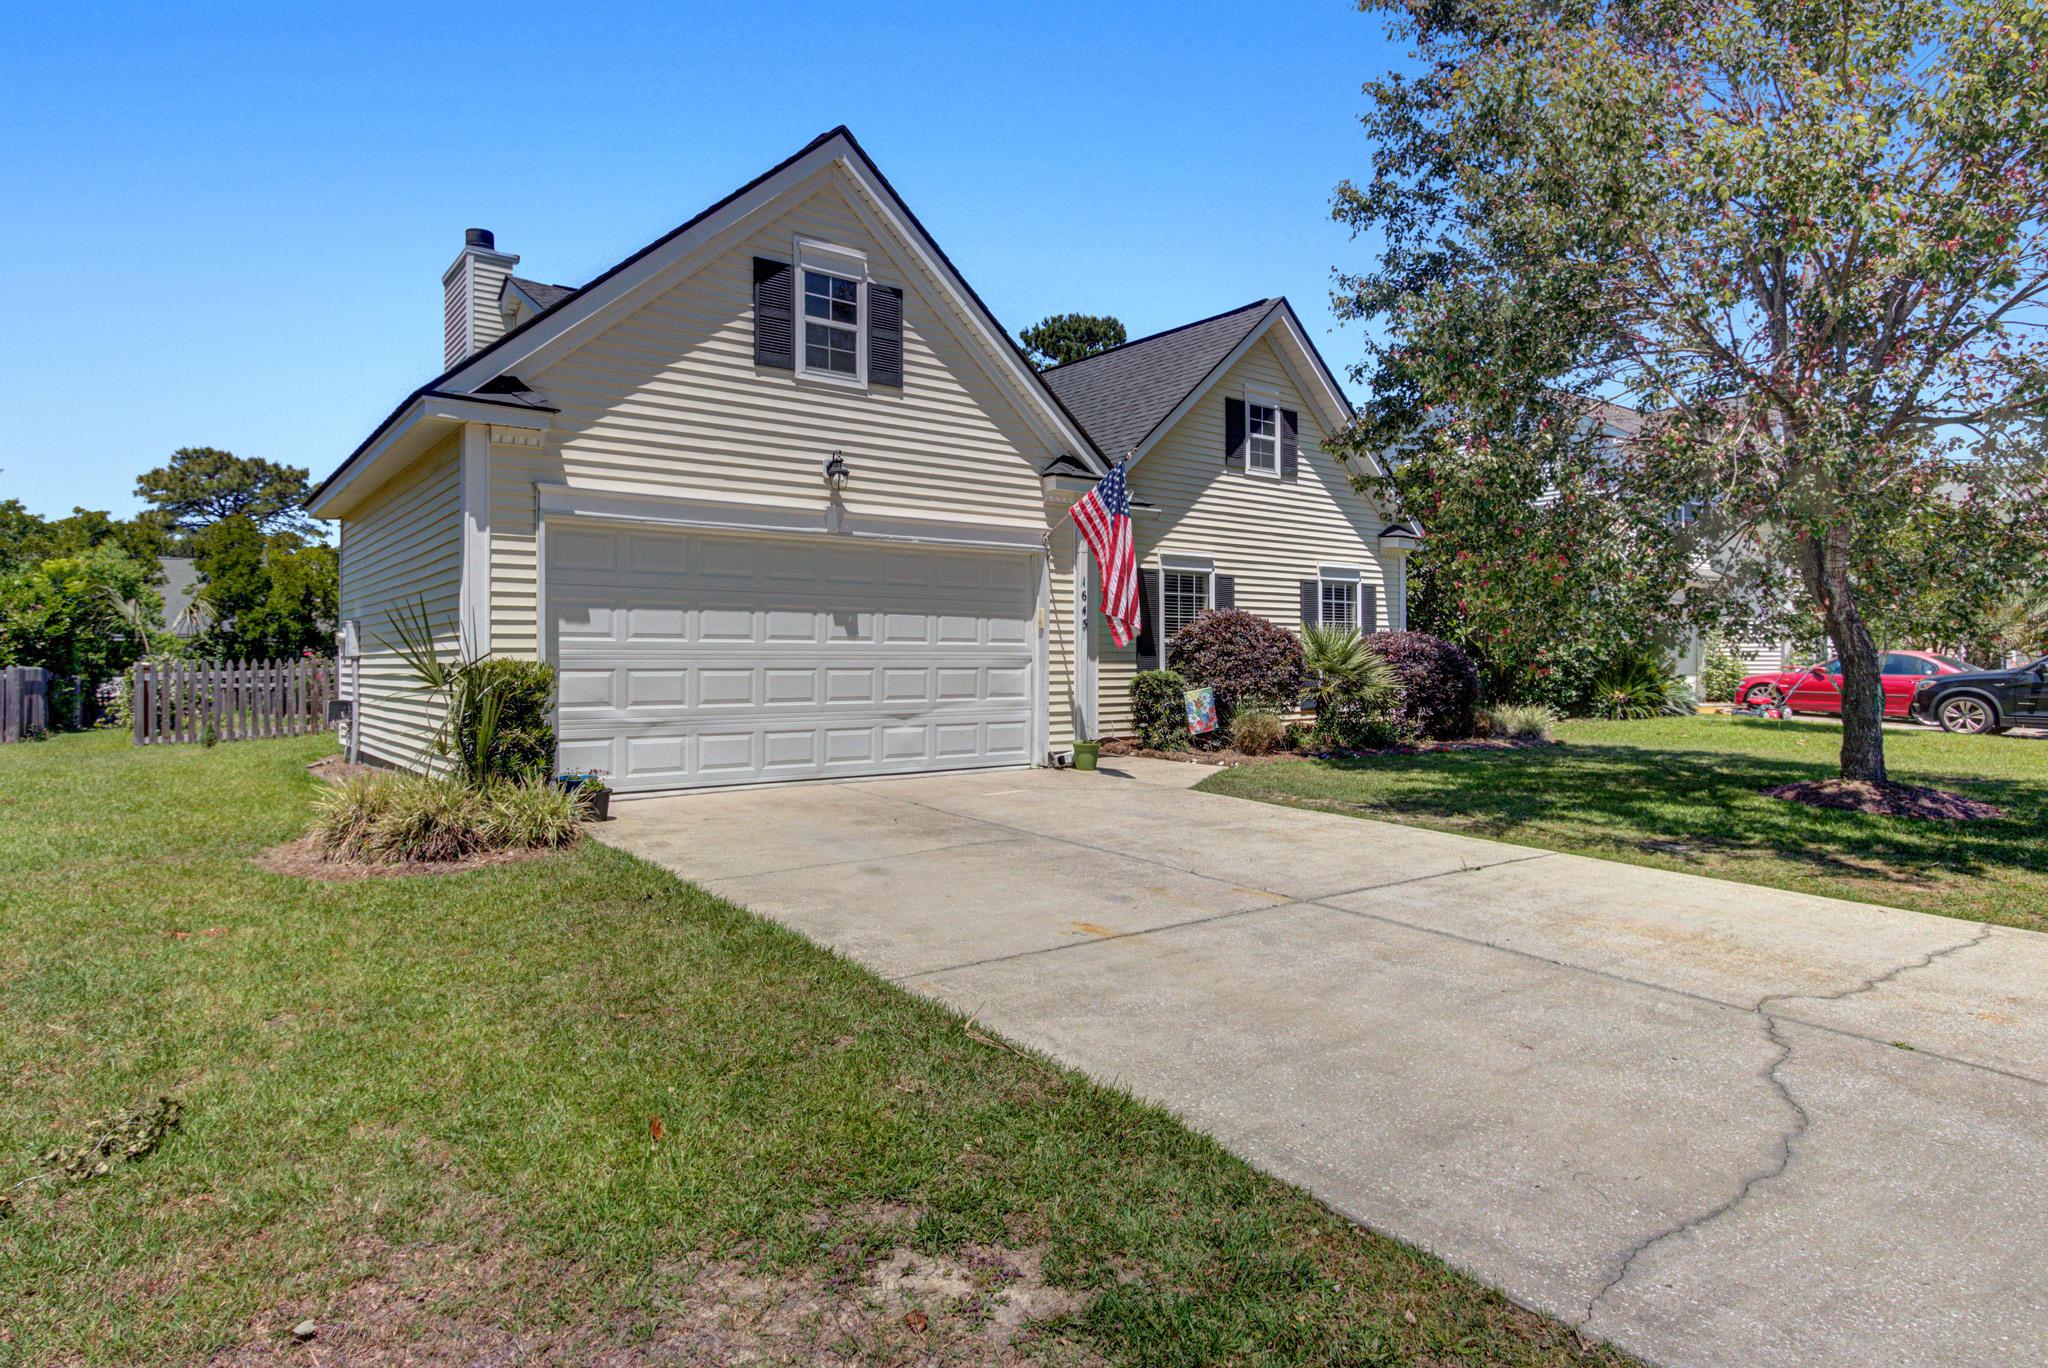 Dunes West Homes For Sale - 1645 Pin Oak Cut, Mount Pleasant, SC - 24